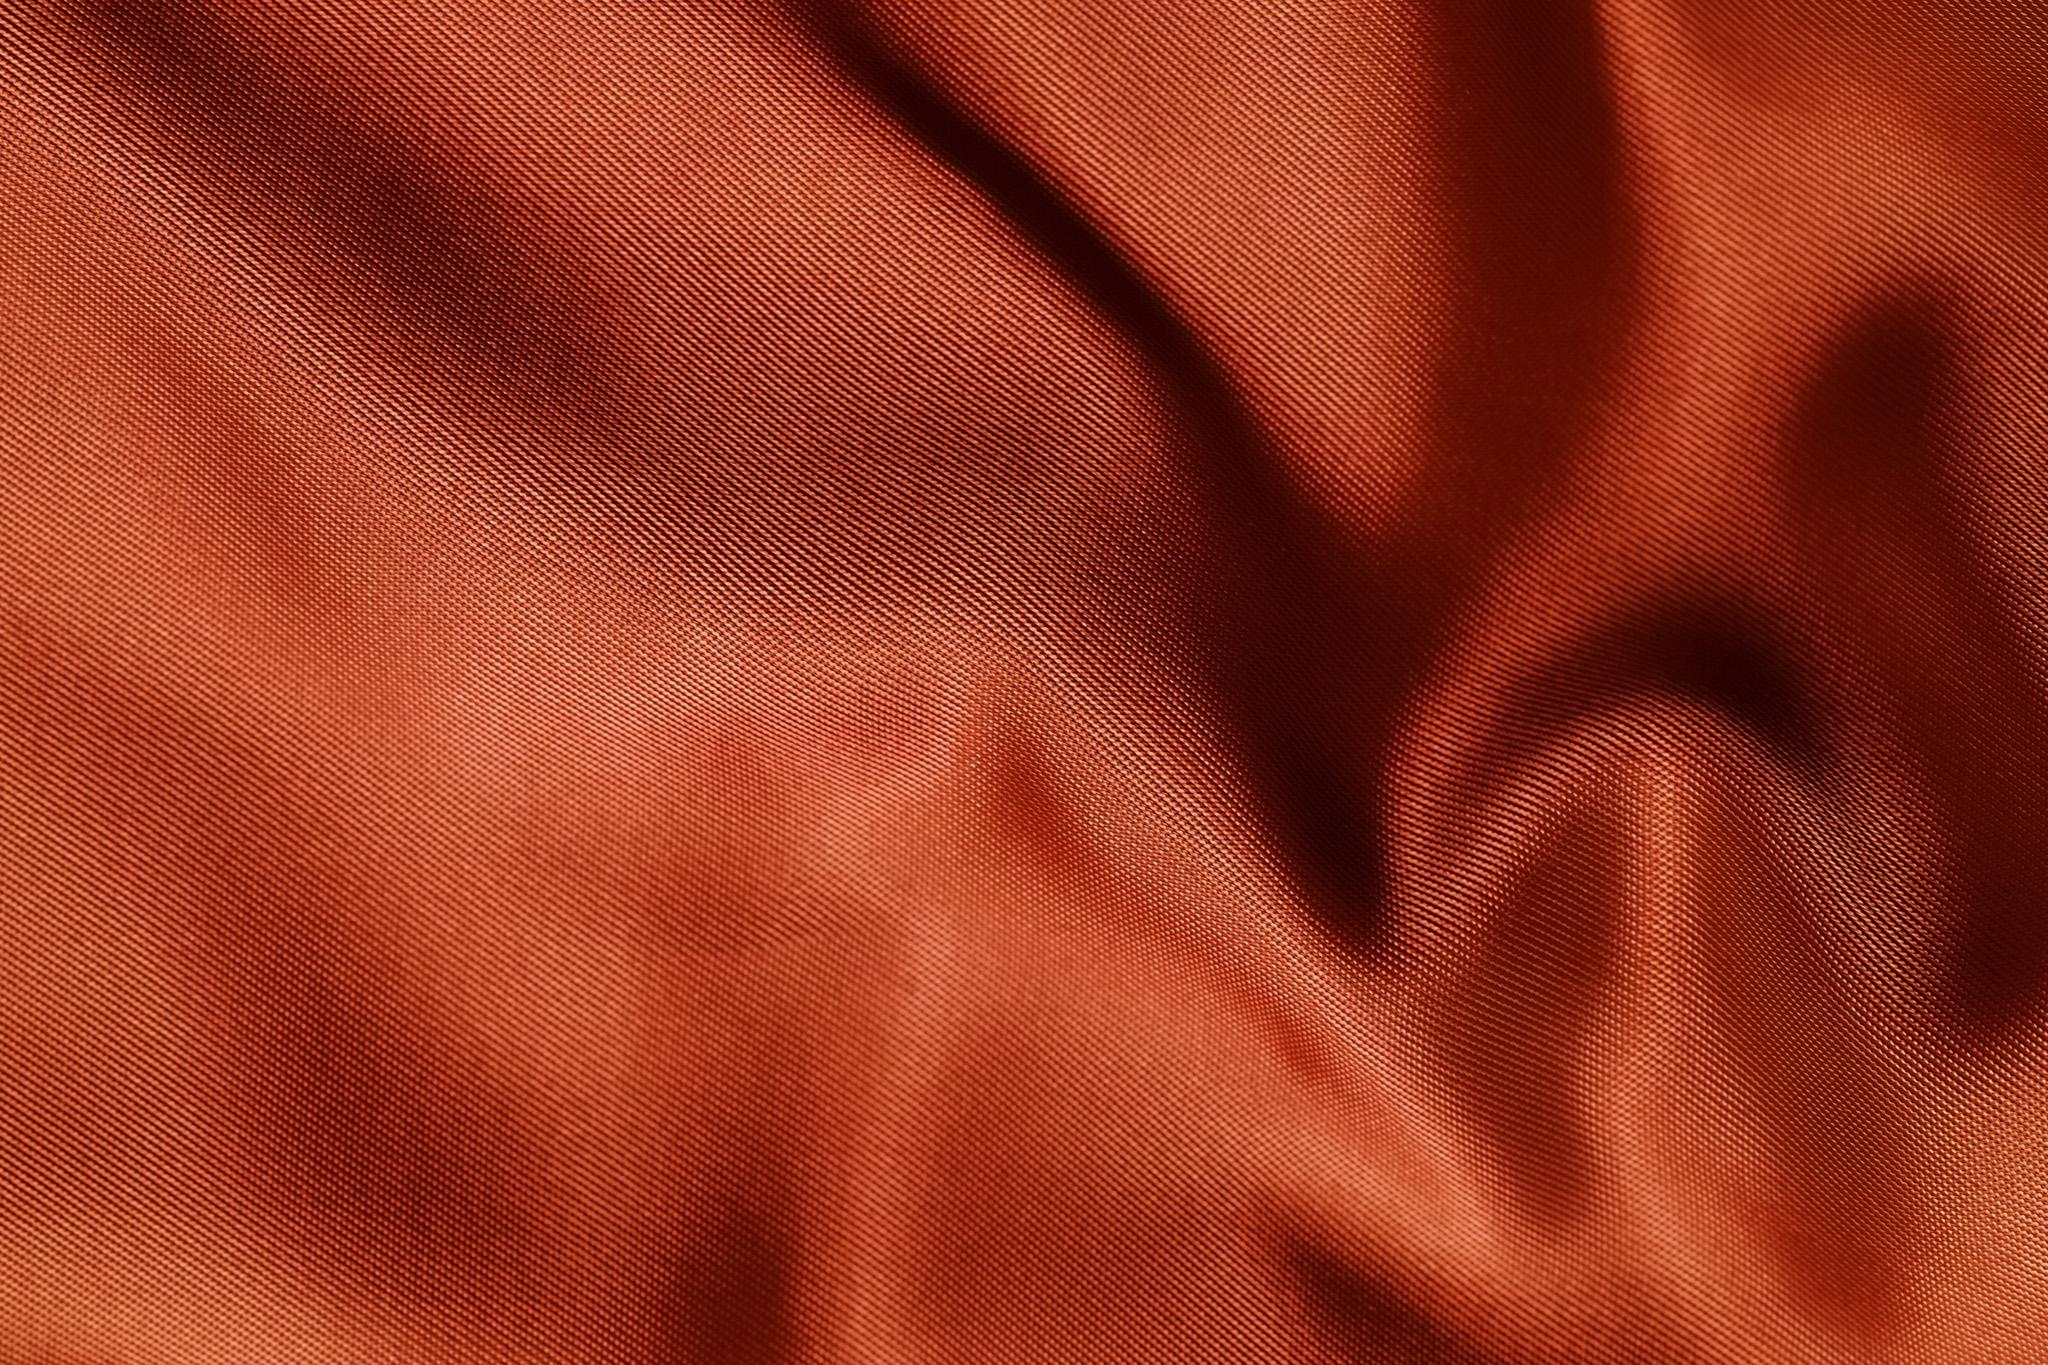 「光沢のあるオレンジ色の布地」